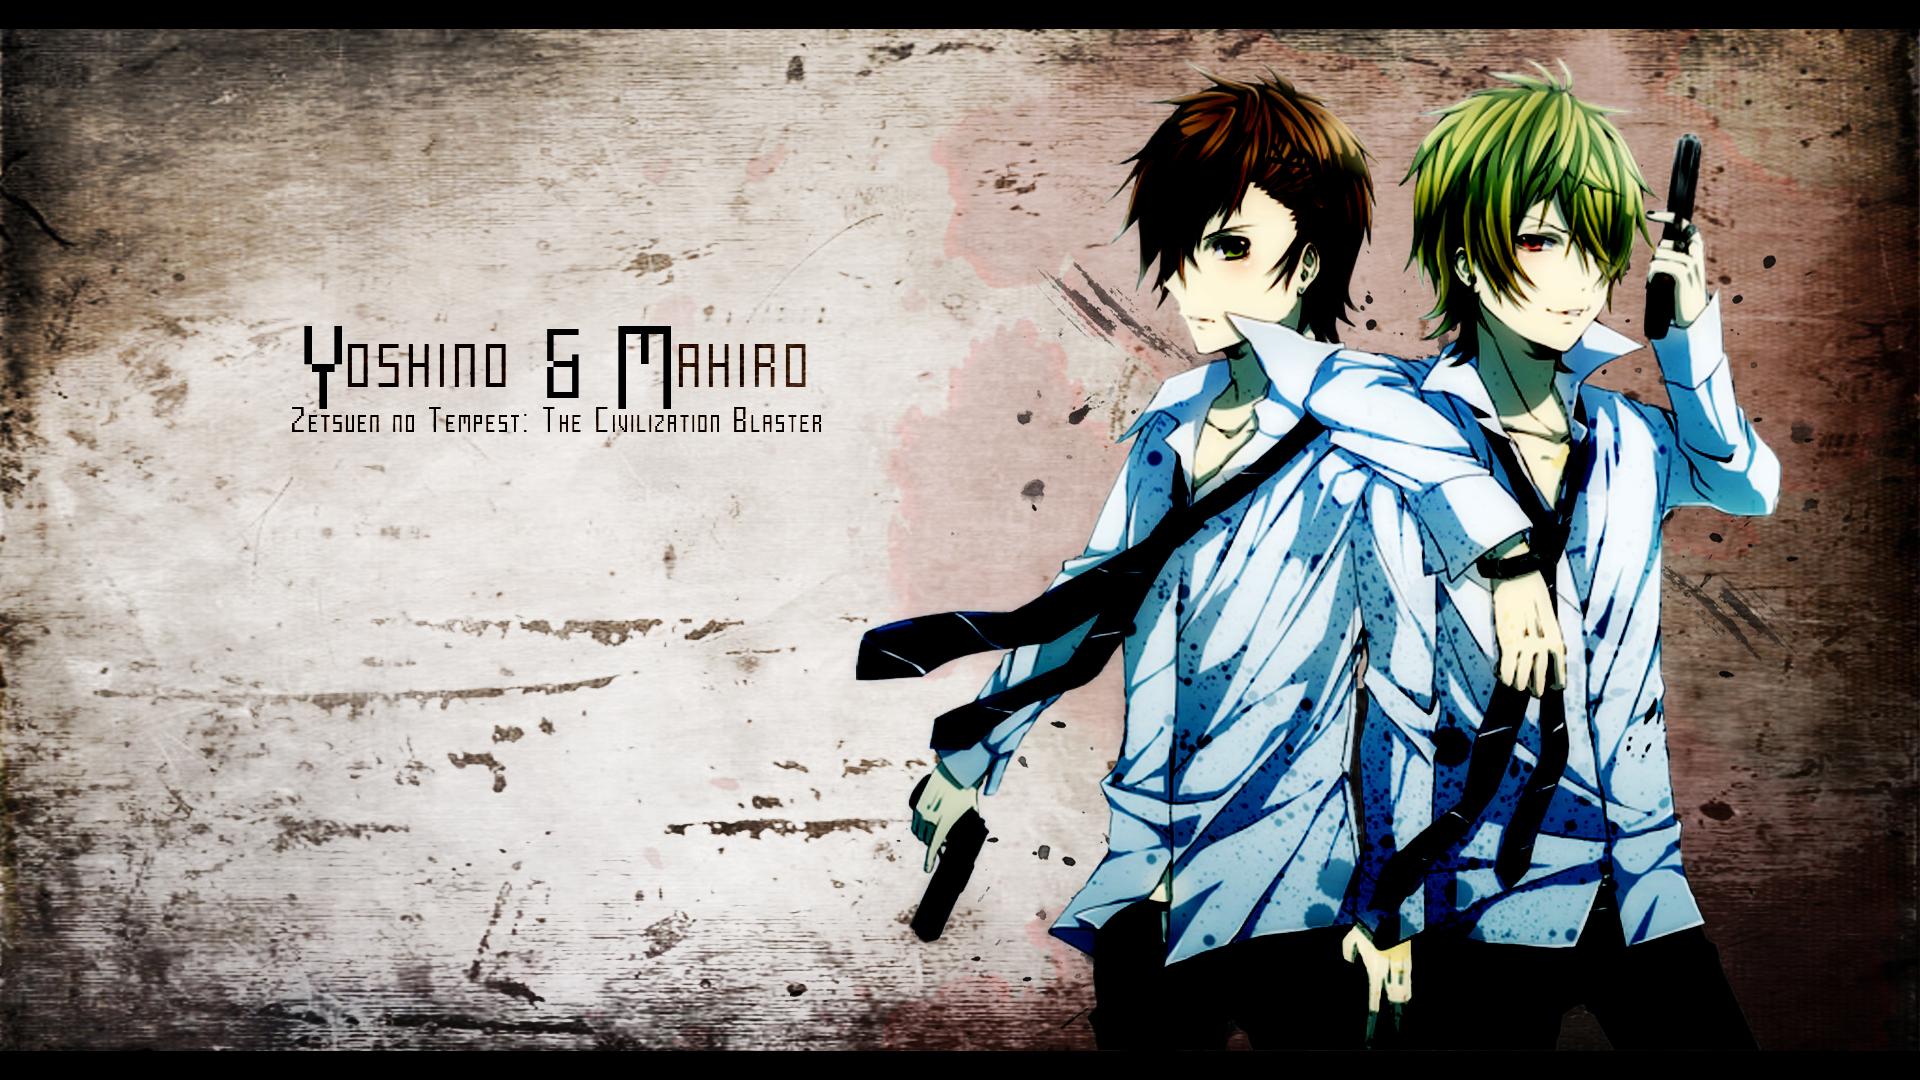 Zetsuen no Tempest - Yoshino and Mahiro Wallpaper by eaZyHD on ...